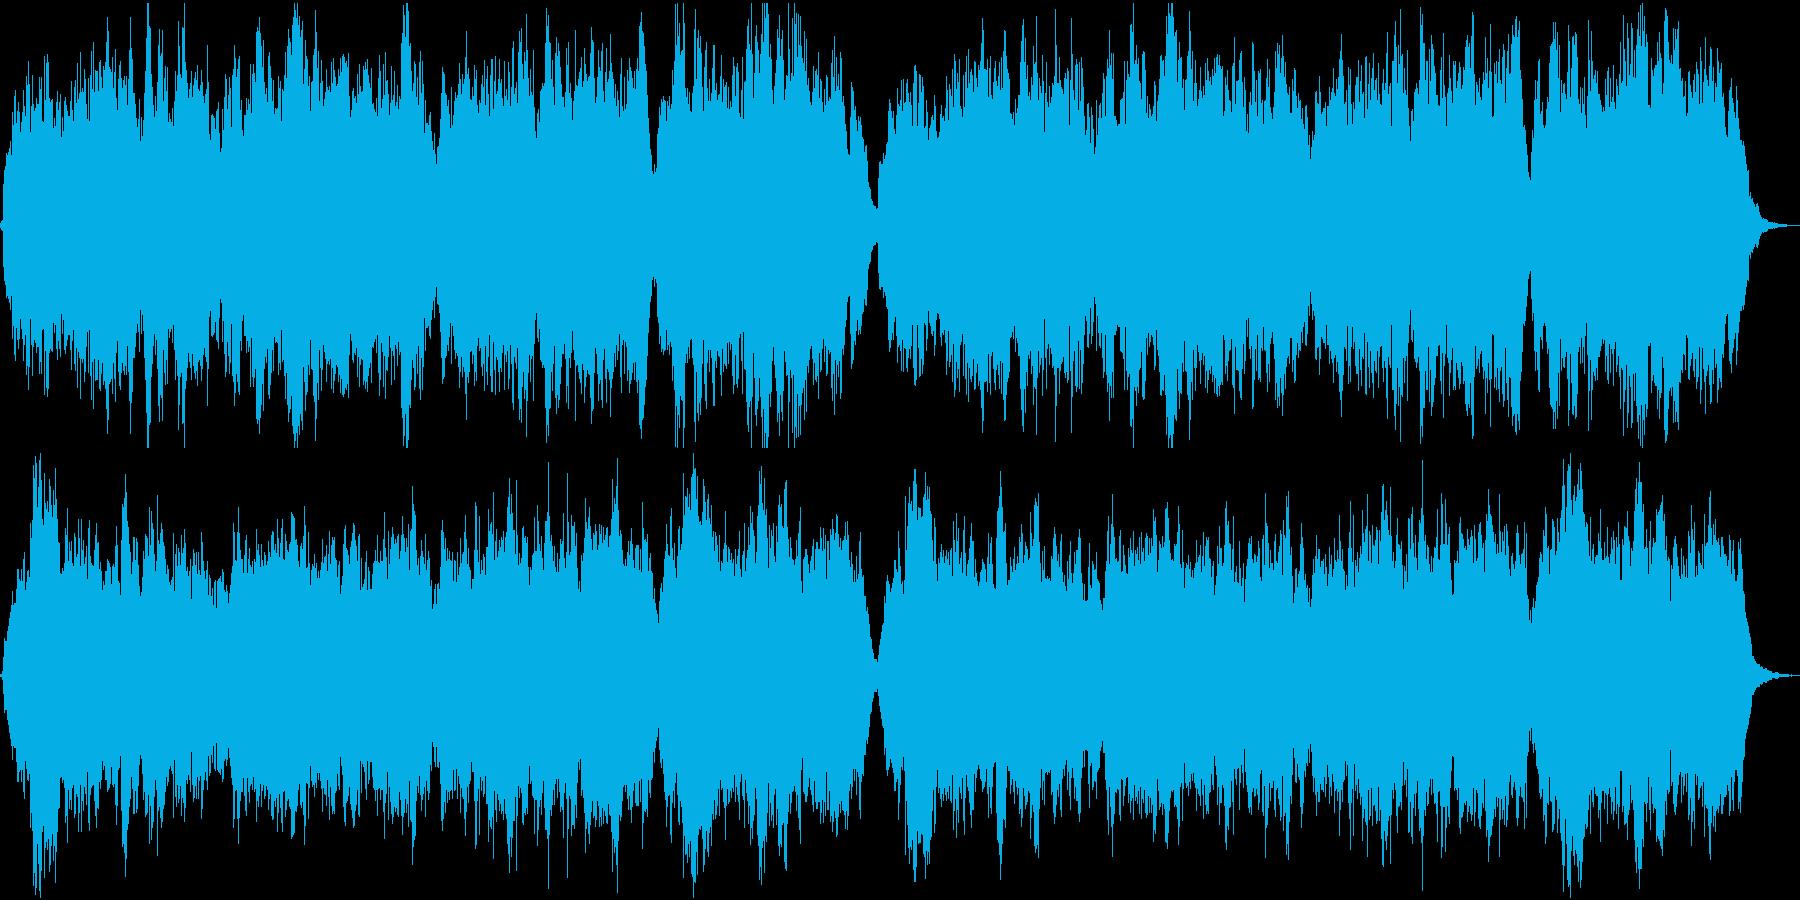 優しく懐かしい唱歌「故郷」弦楽合奏の再生済みの波形